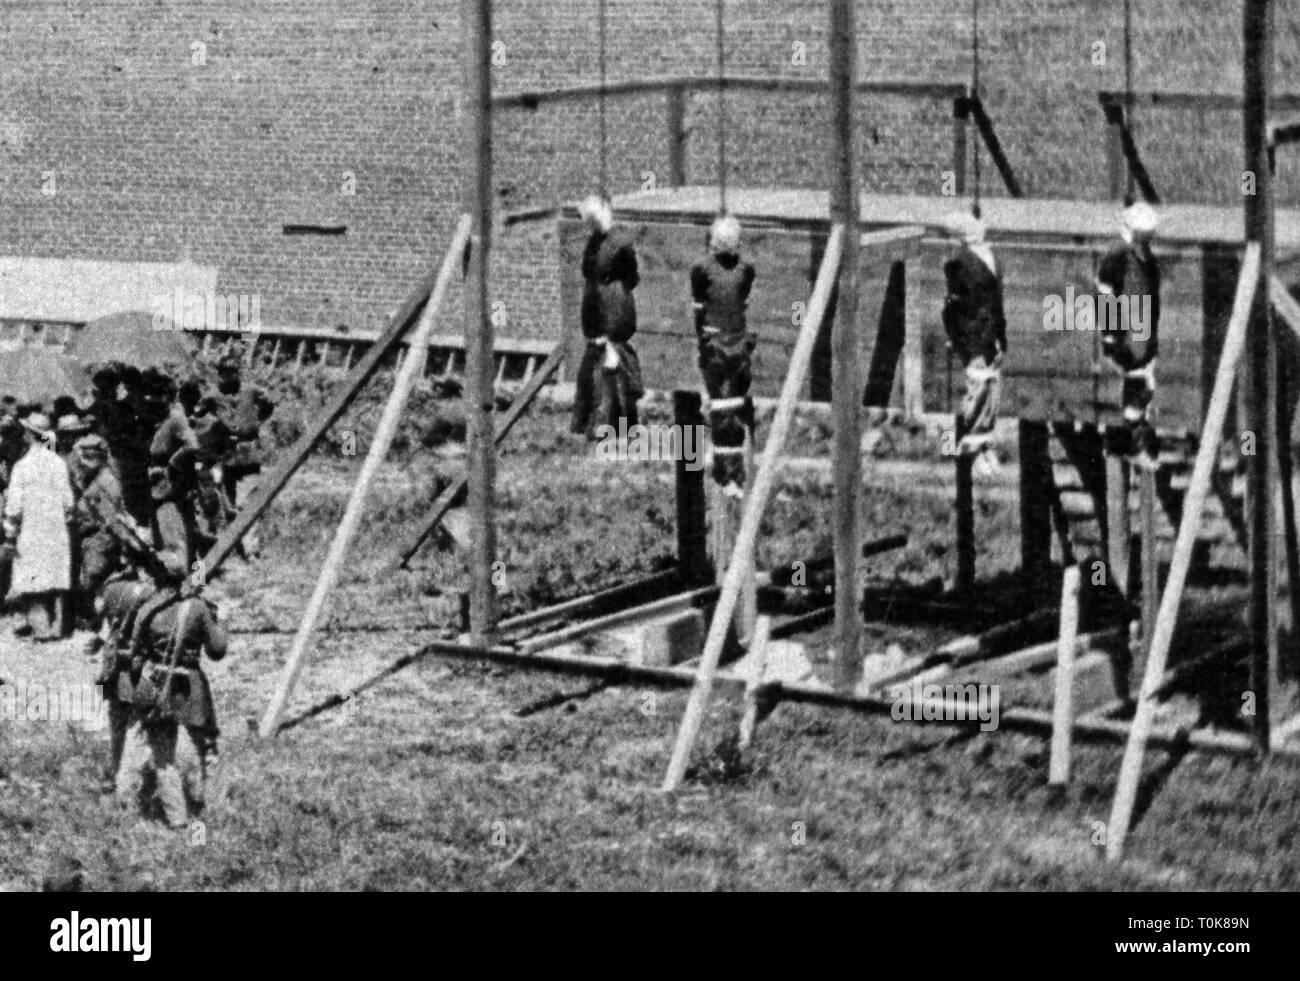 Giustizia, sistema penitenziario, appeso, esecuzione dei cospiratori dell assassinio di Abraham Lincoln, Fort Lesley McNair, Washington D.C., 7.7.1865, Additional-Rights-Clearance-Info-Not-Available Immagini Stock